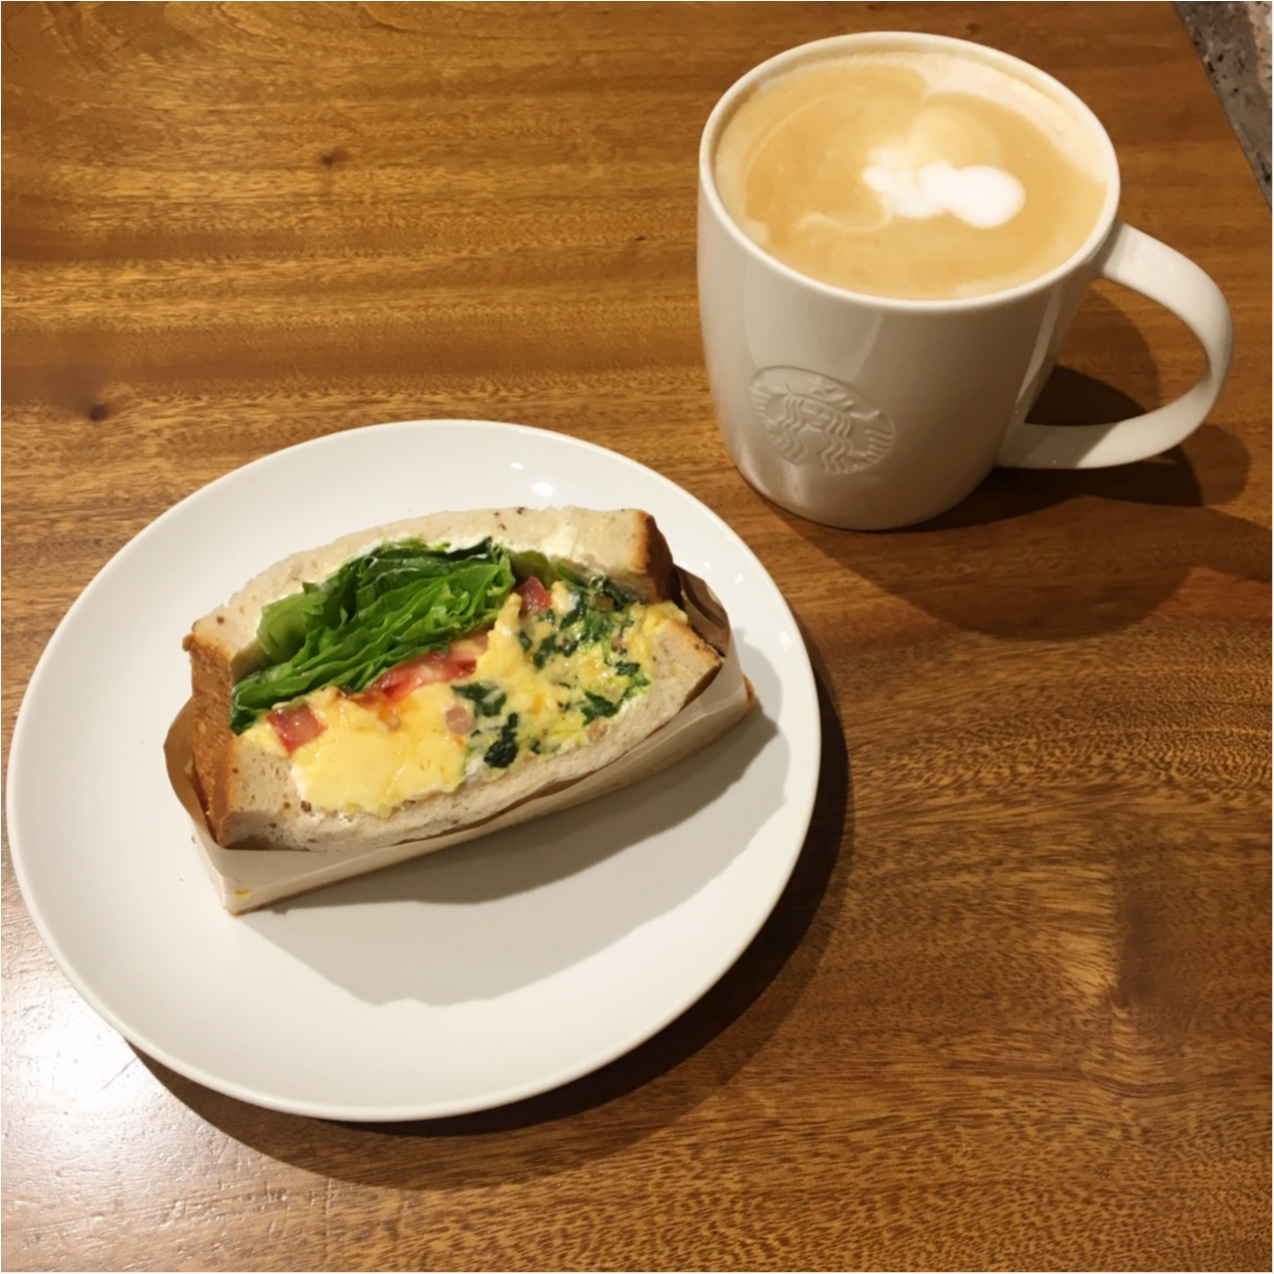 コーヒーだけじゃない!ボリュームたっぷり♡スターバックス美味しいサンドウィッチ♡ 6月14日から発売の新作フラペチーノの情報も♡_2